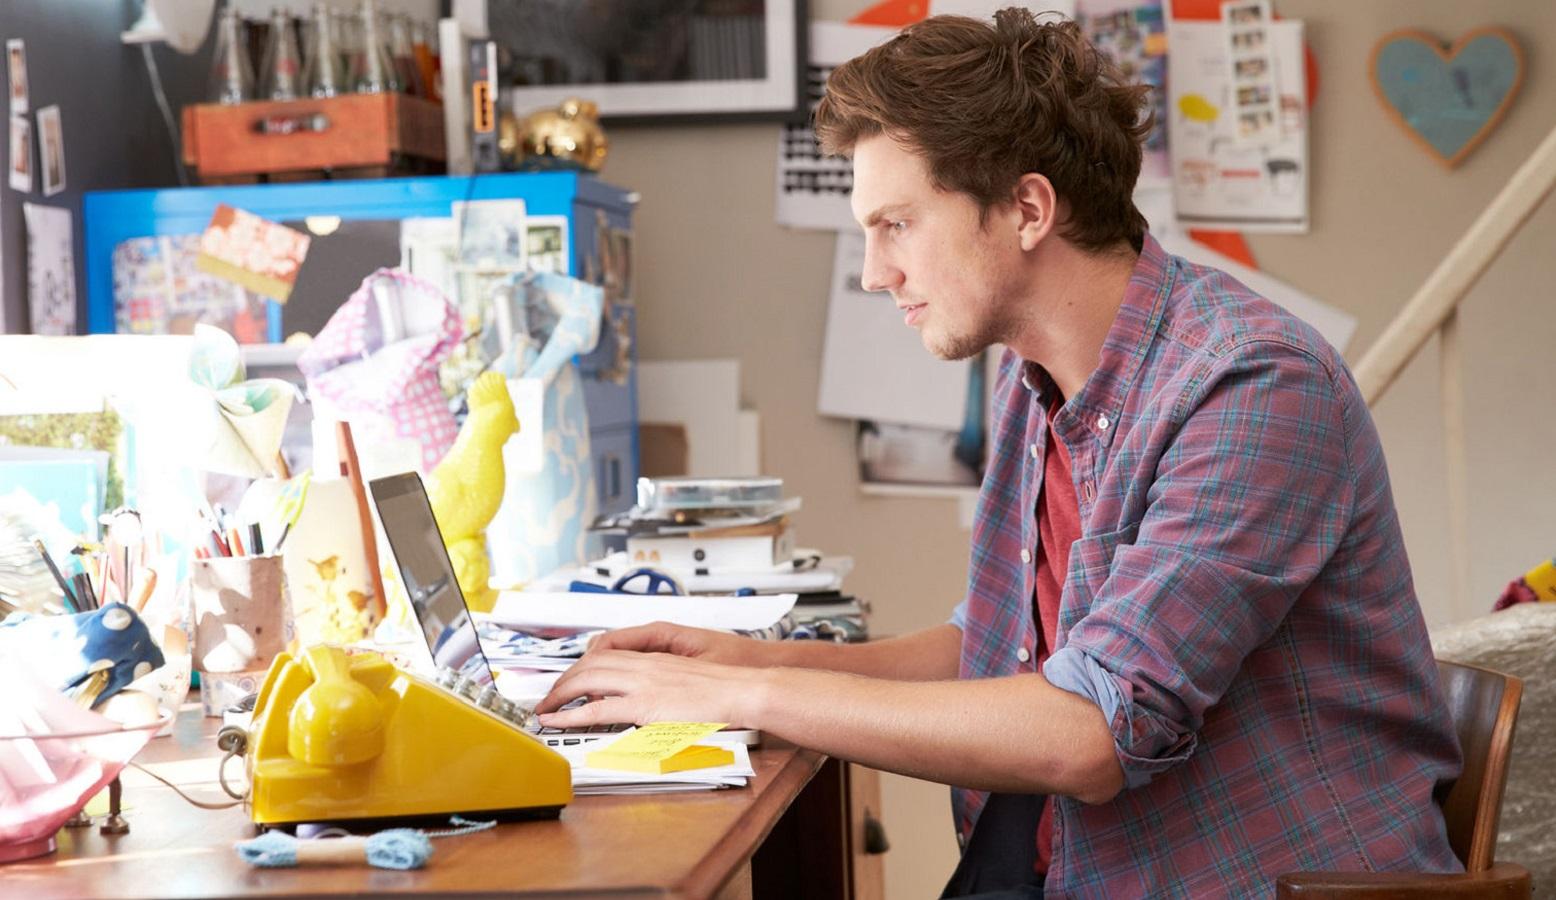 Giovane ragazzo al lavoro nel suo ufficio in casa